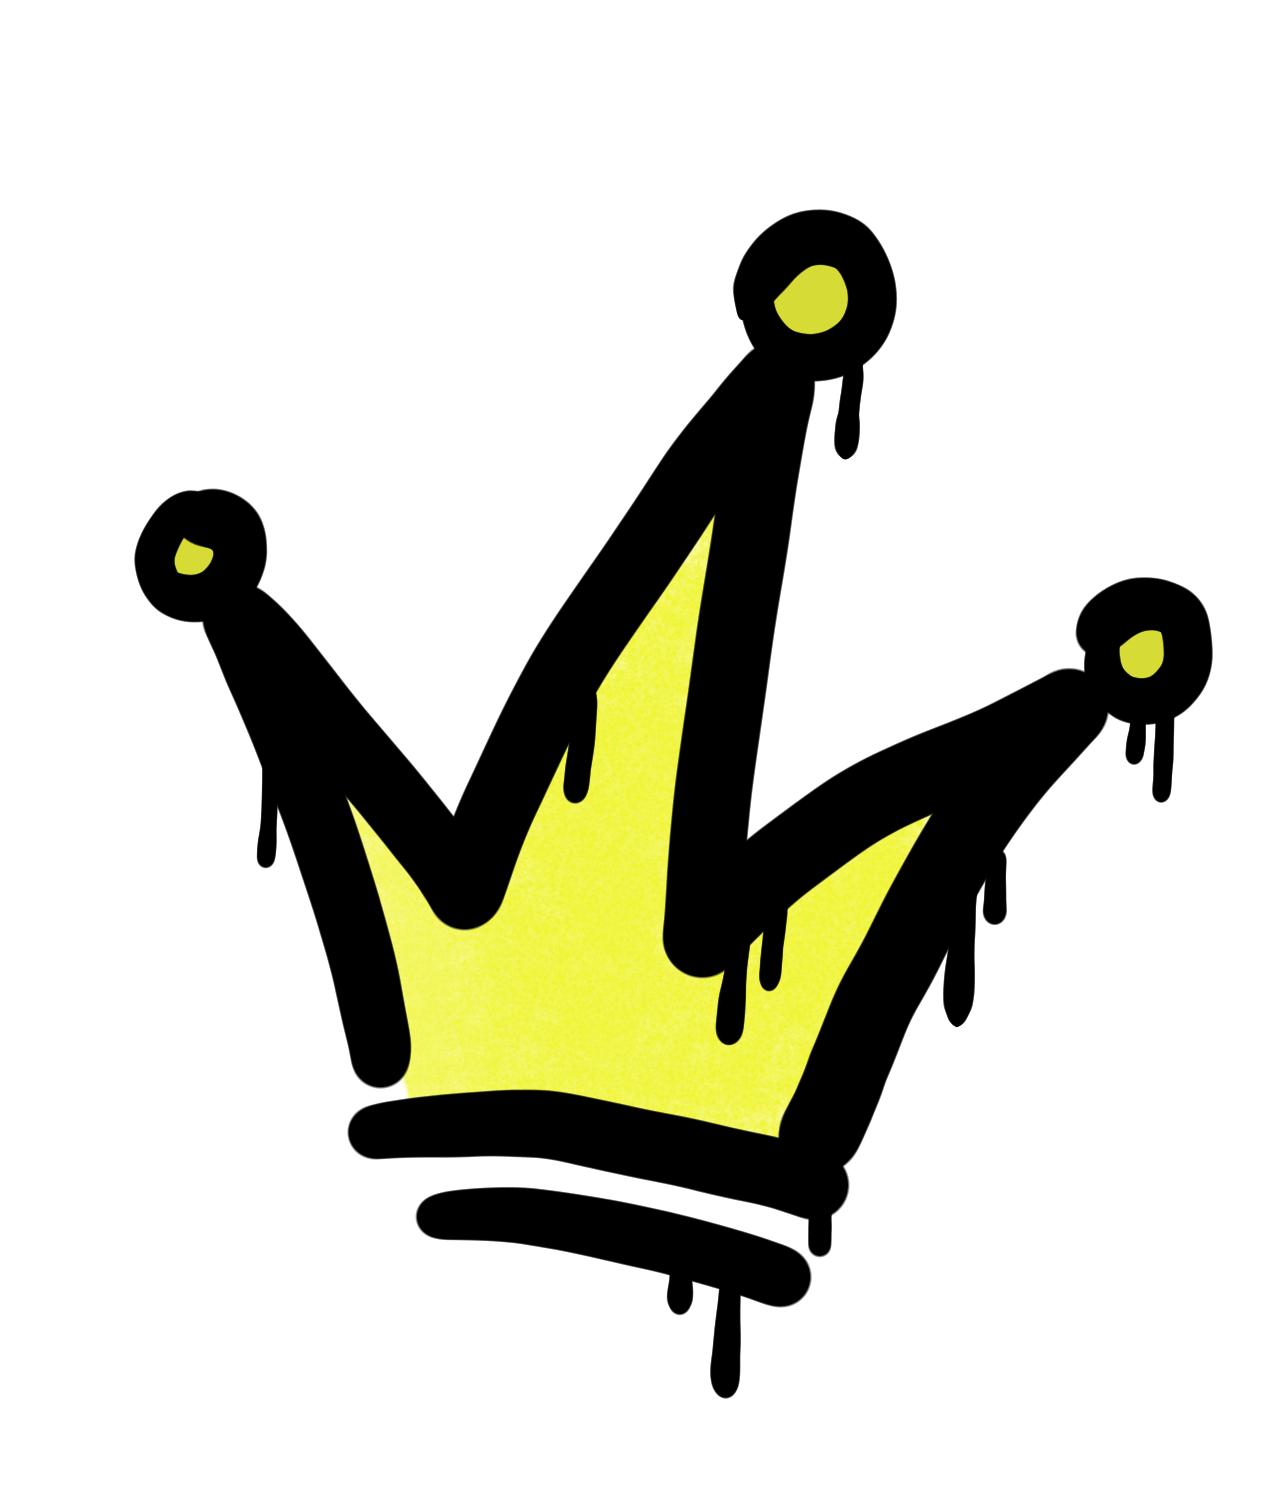 crownLimited2